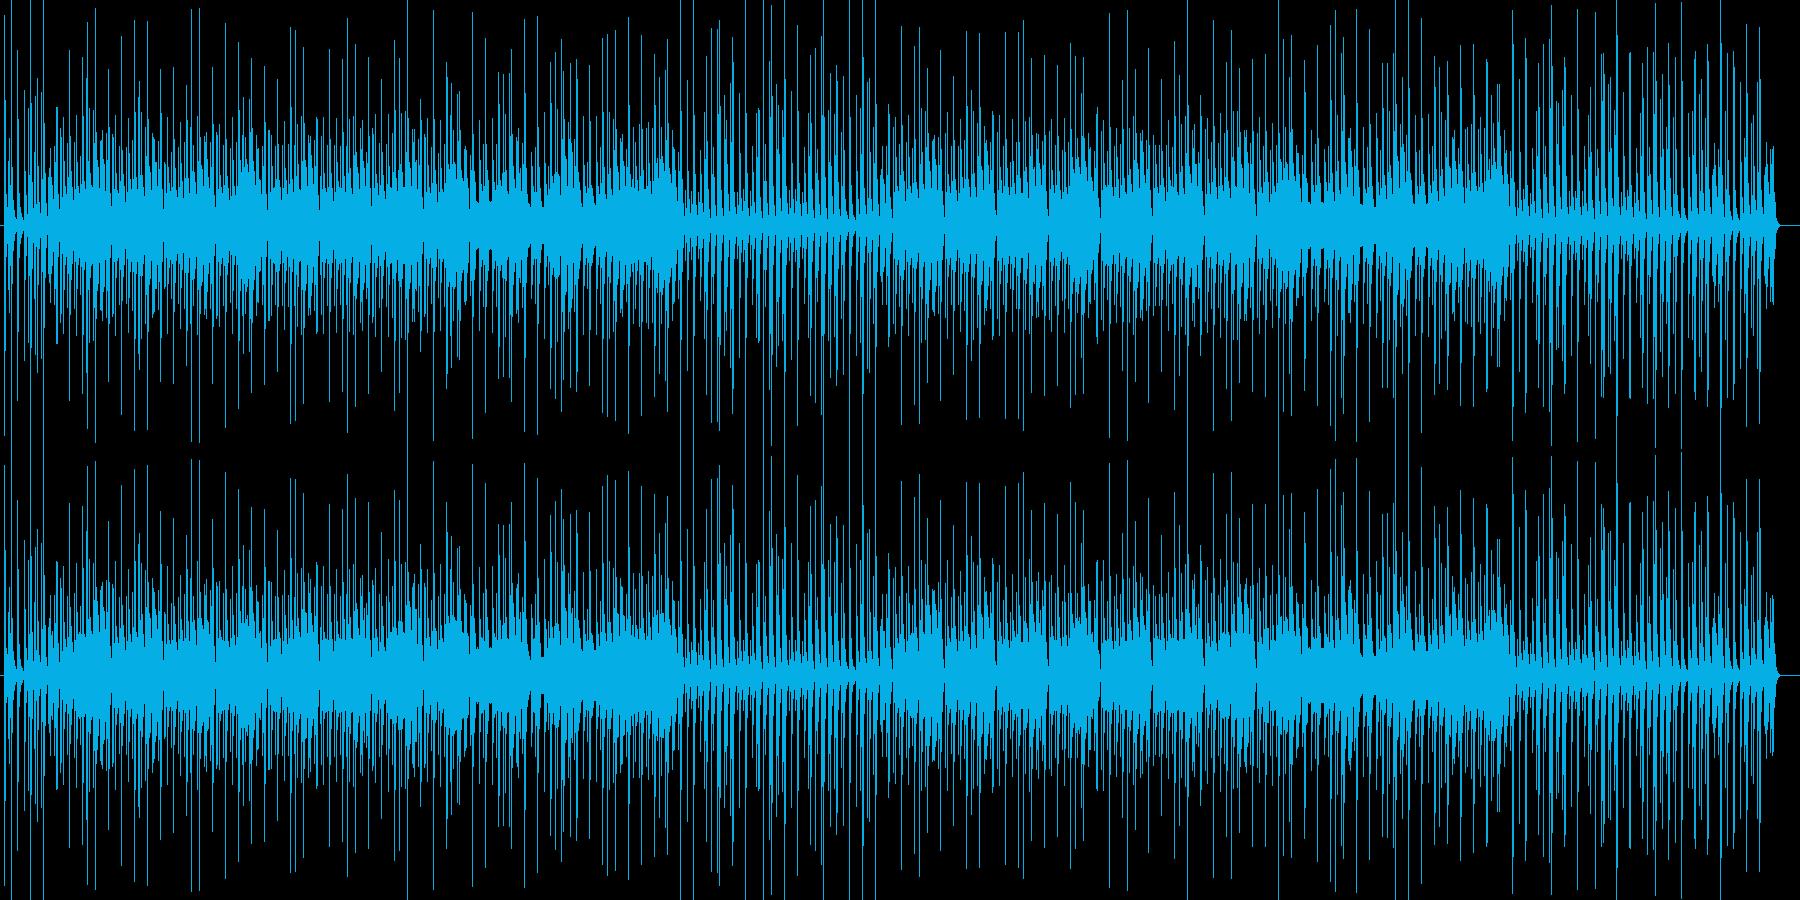 和風 チップチューン音頭 夏祭り 盆踊りの再生済みの波形